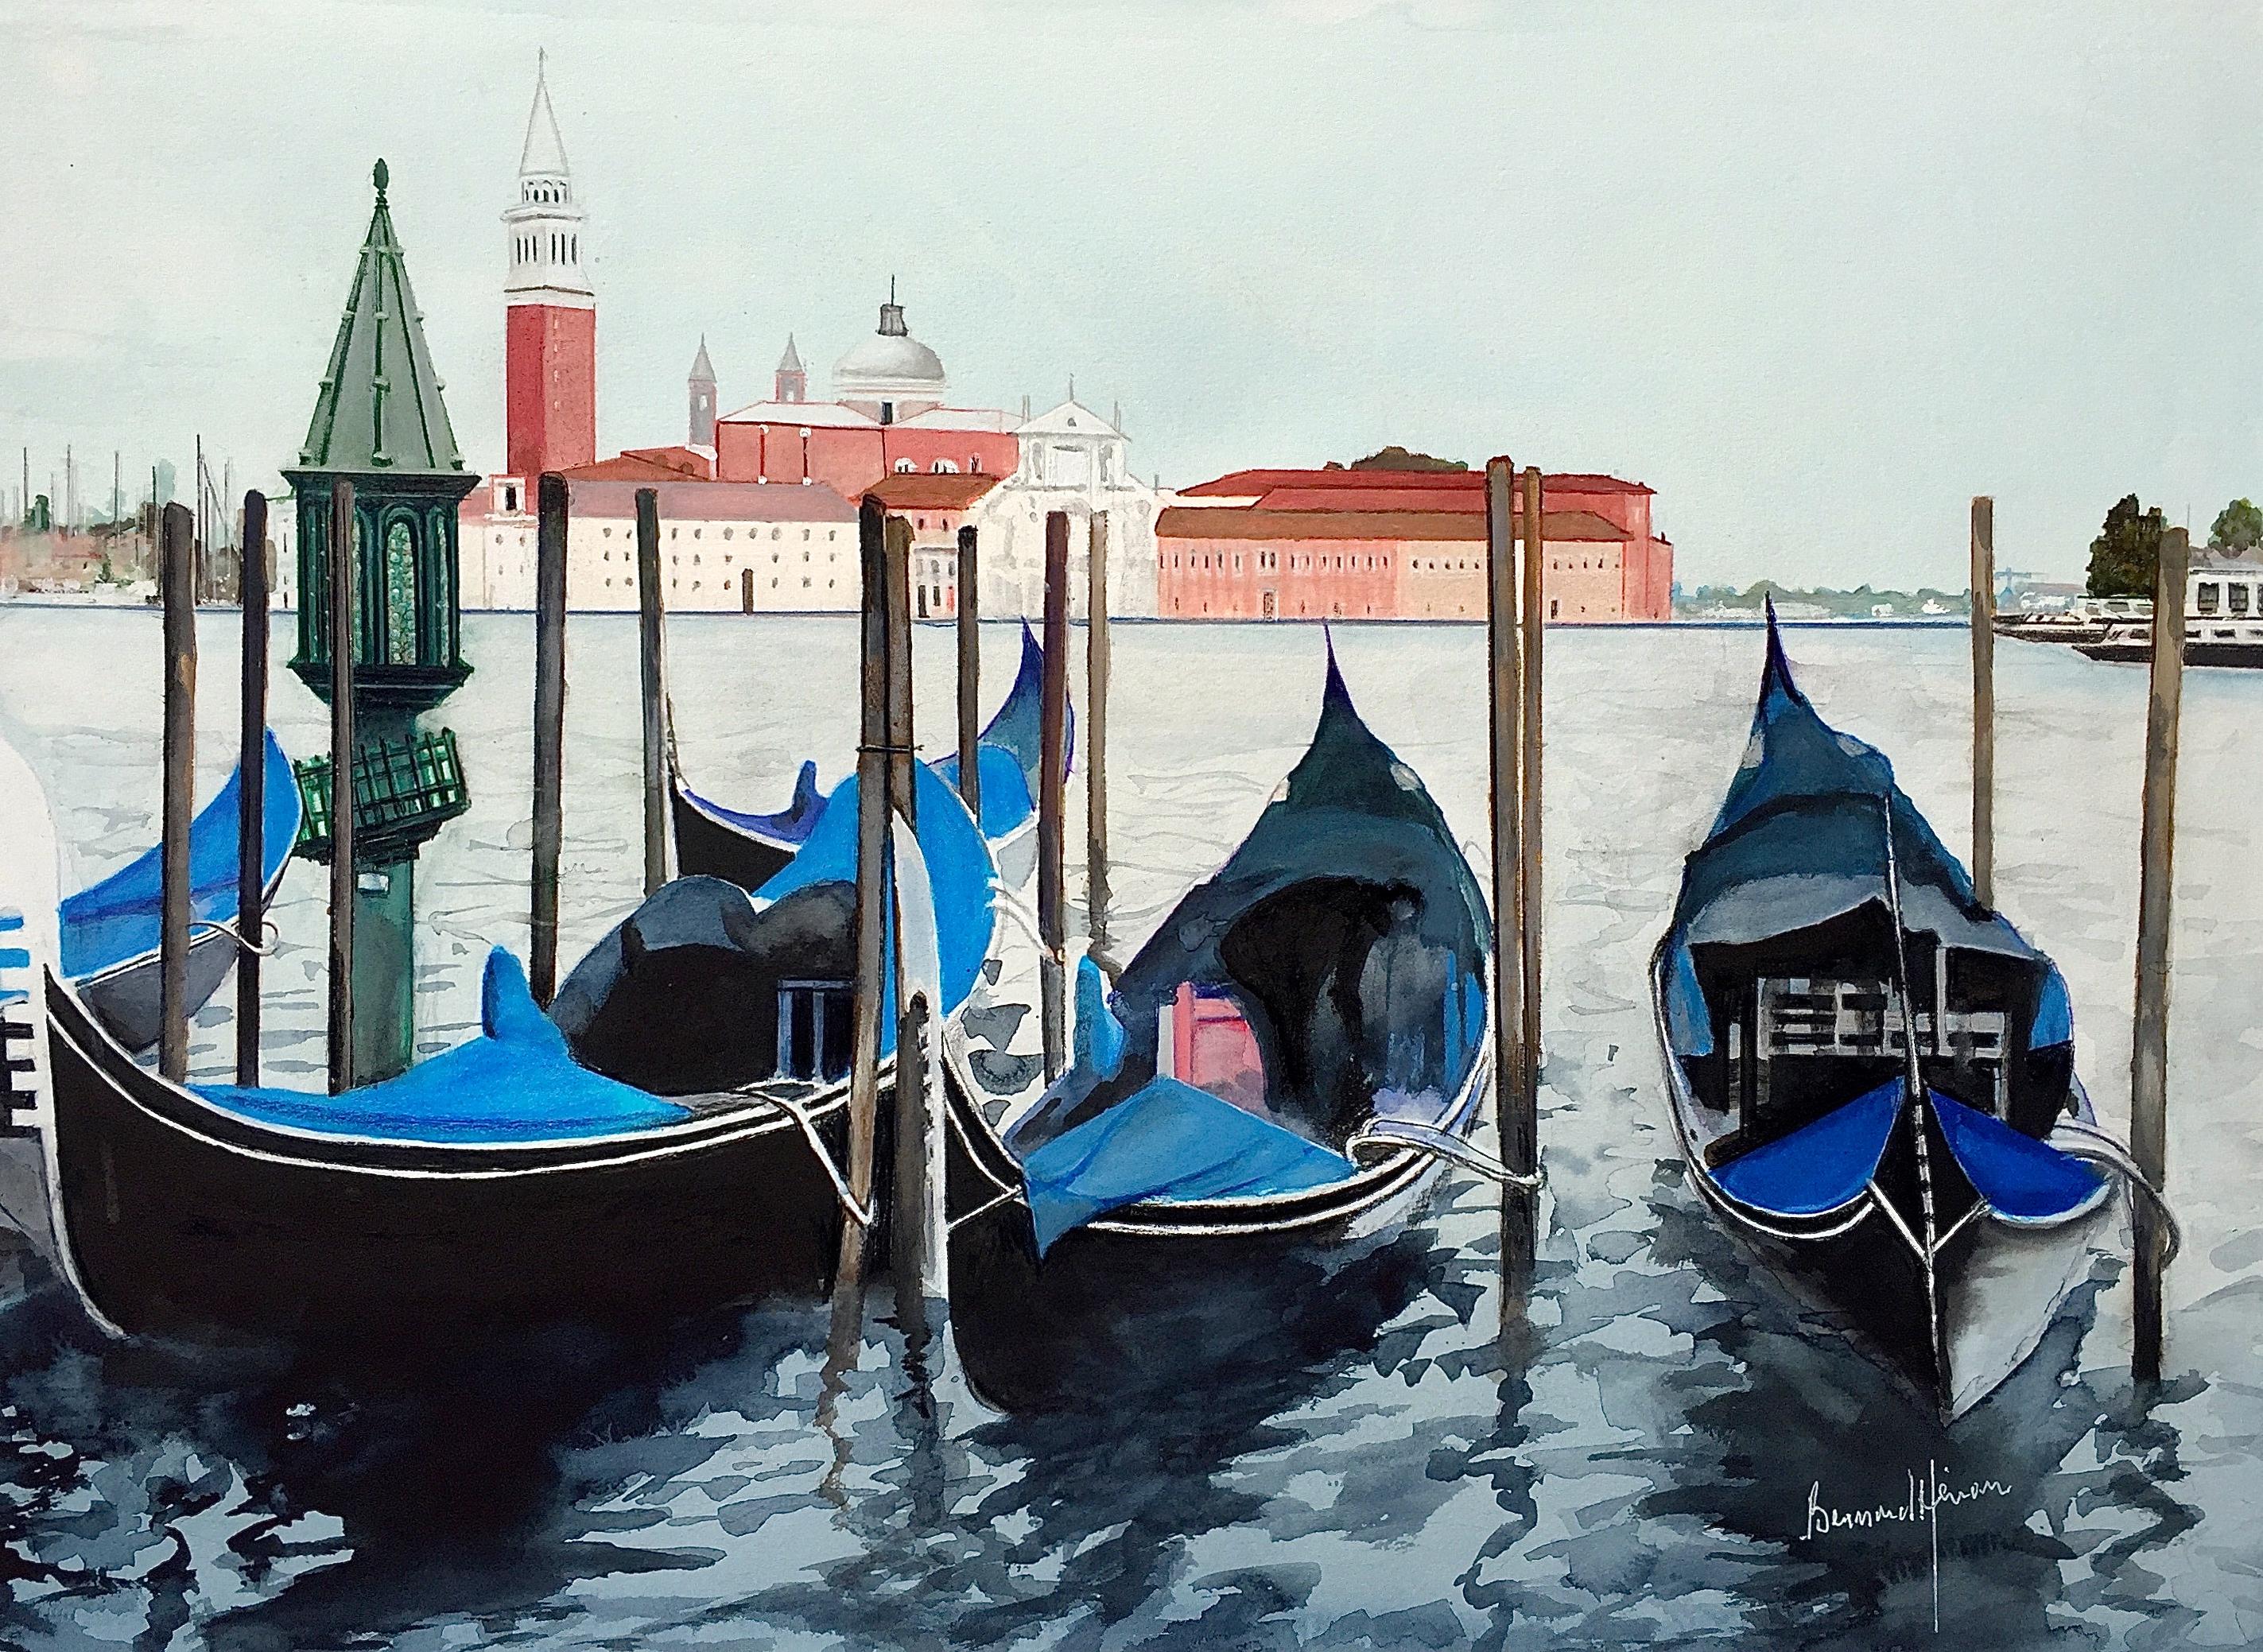 Venise - Les gondoles